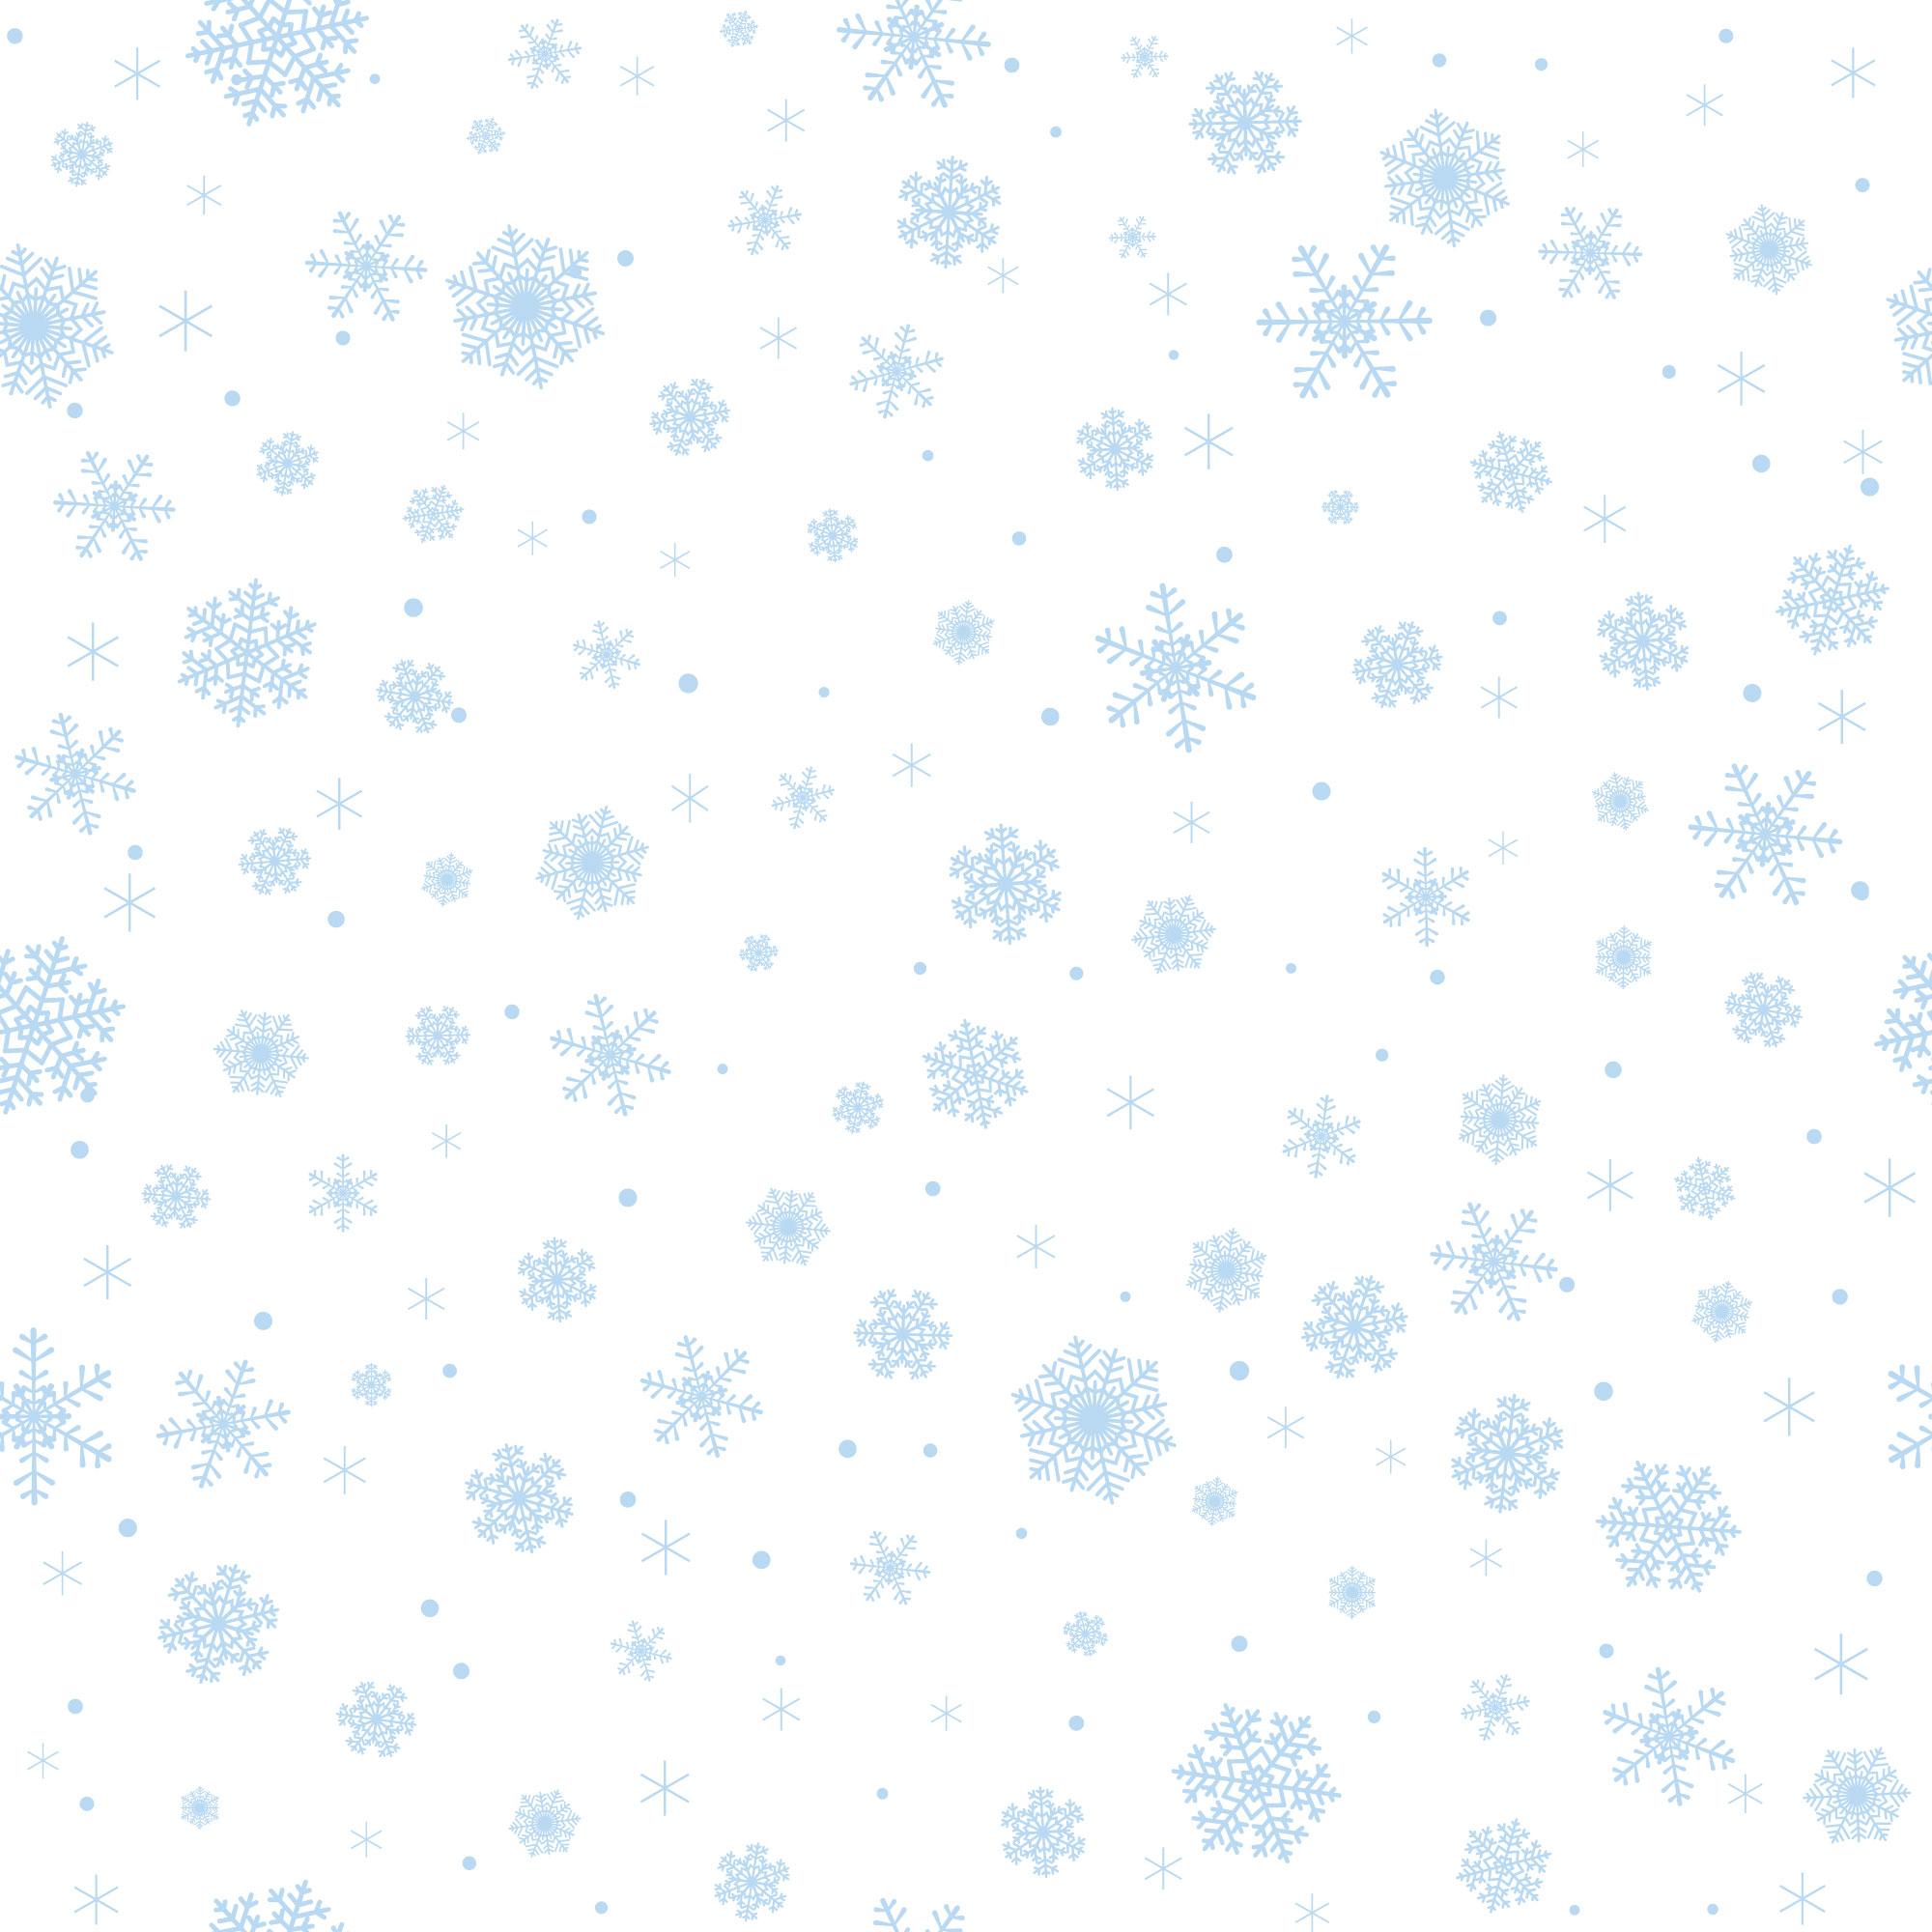 雪 背景 イラスト